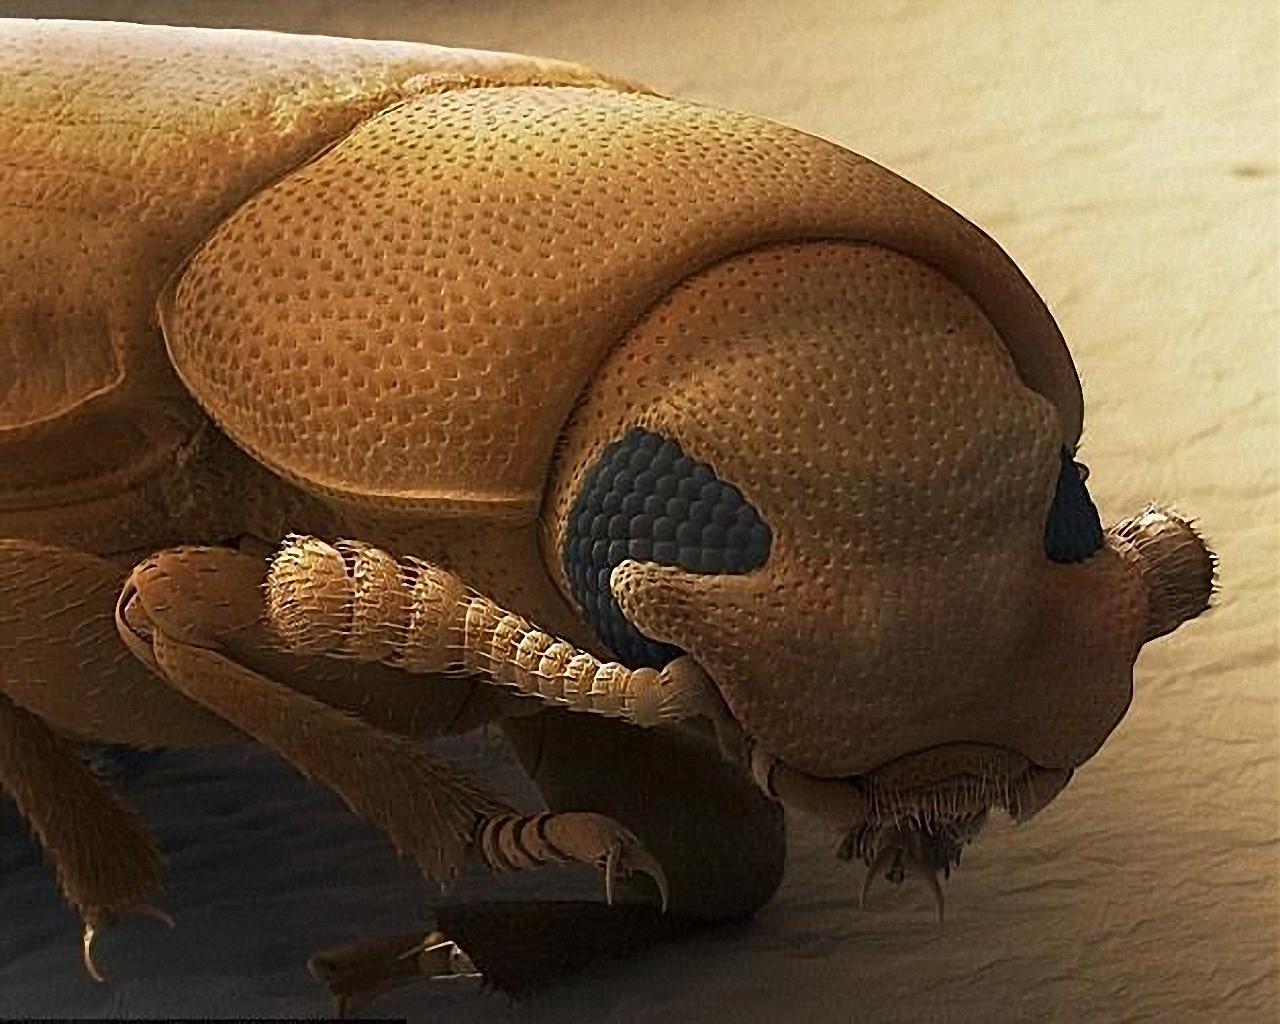 лучше будет личинка мухи фото под микроскопом для обратной связи